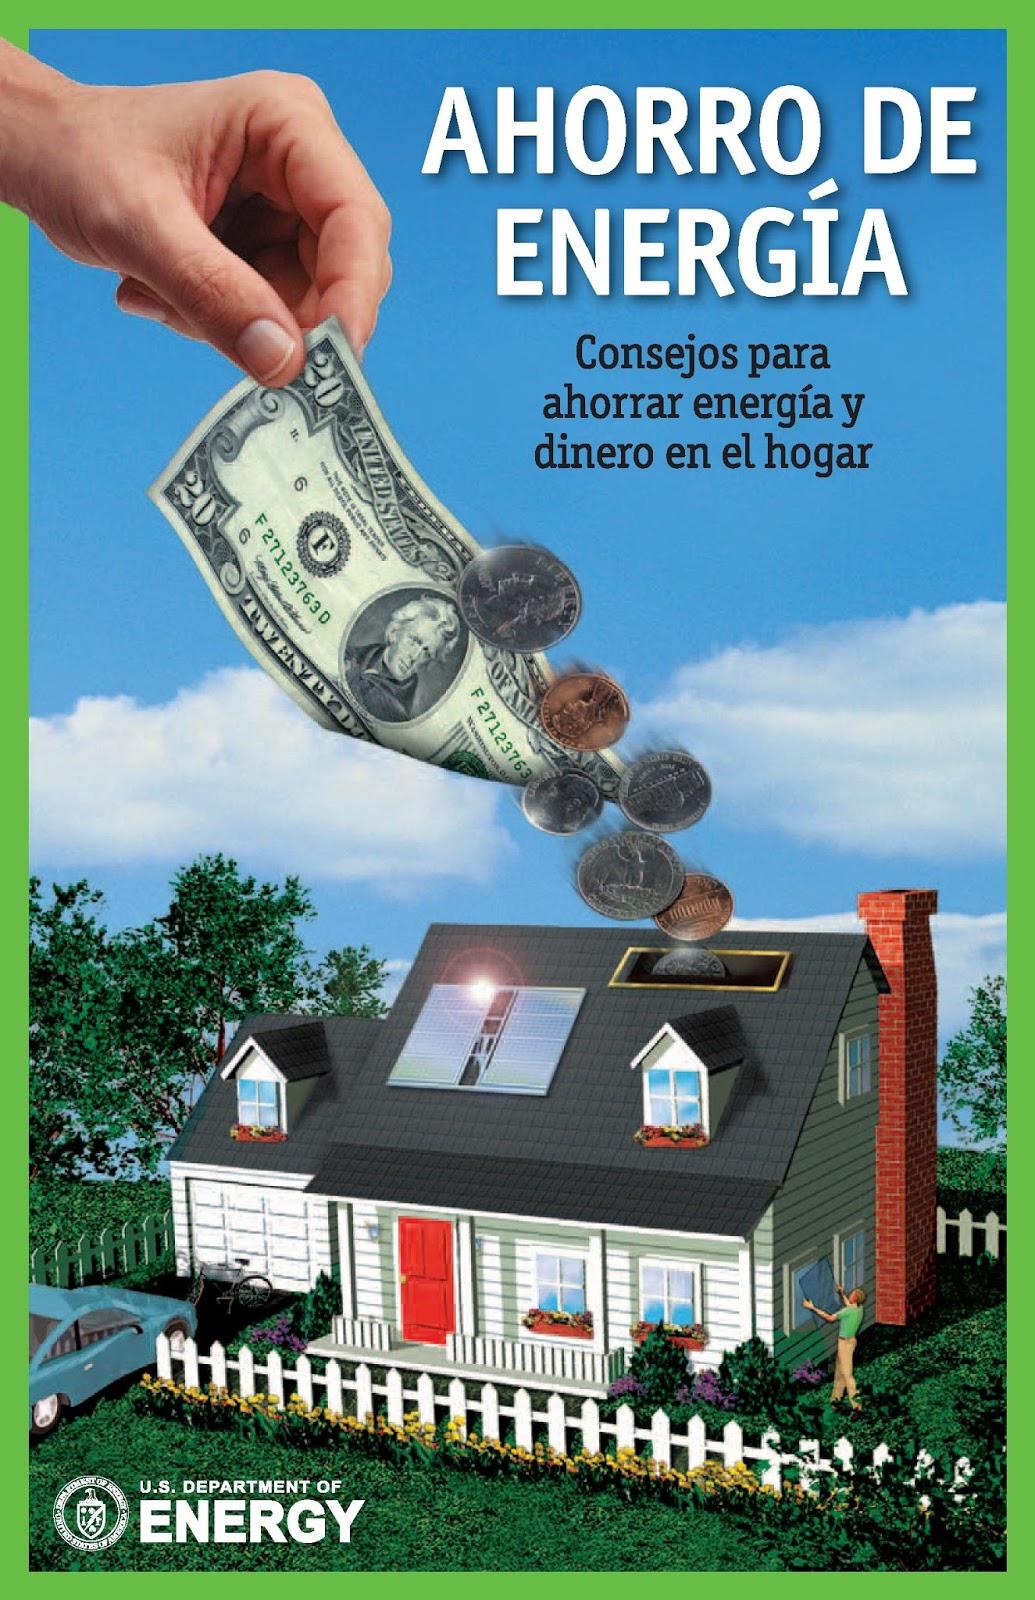 Ahorro de energía: consejos para ahorrar energía y dinero en el hogar